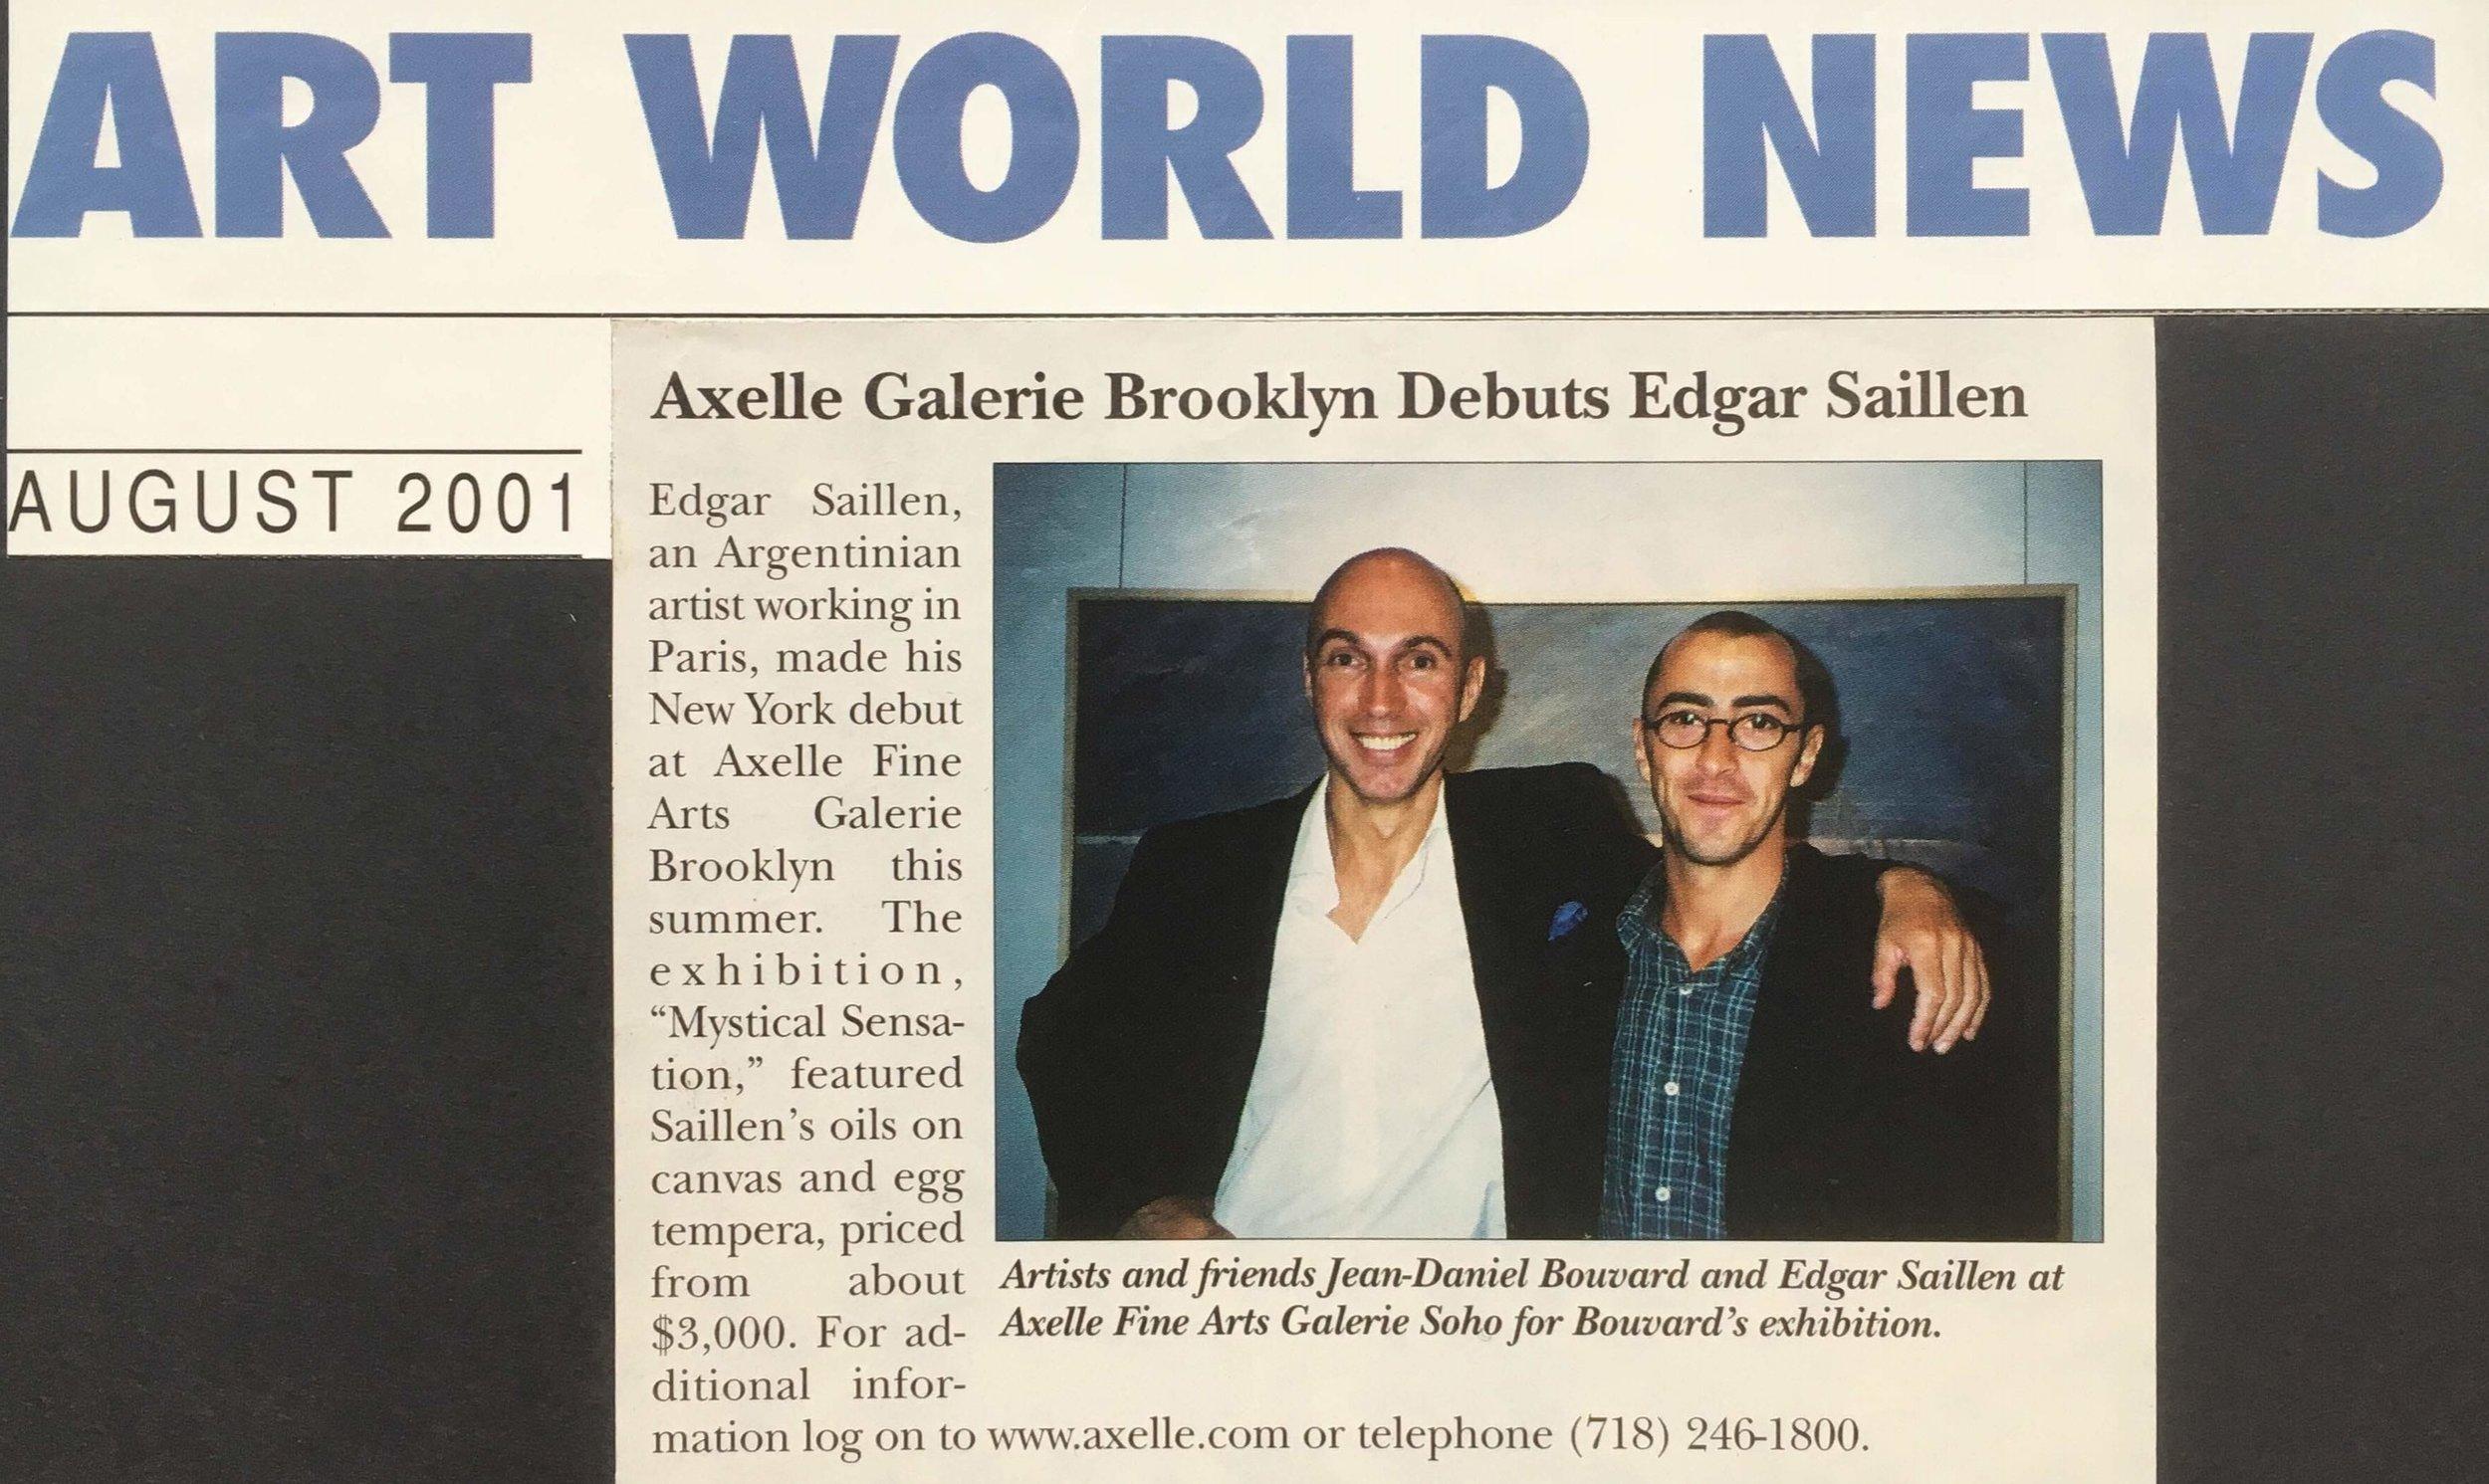 ART WORLD NEWS 2001